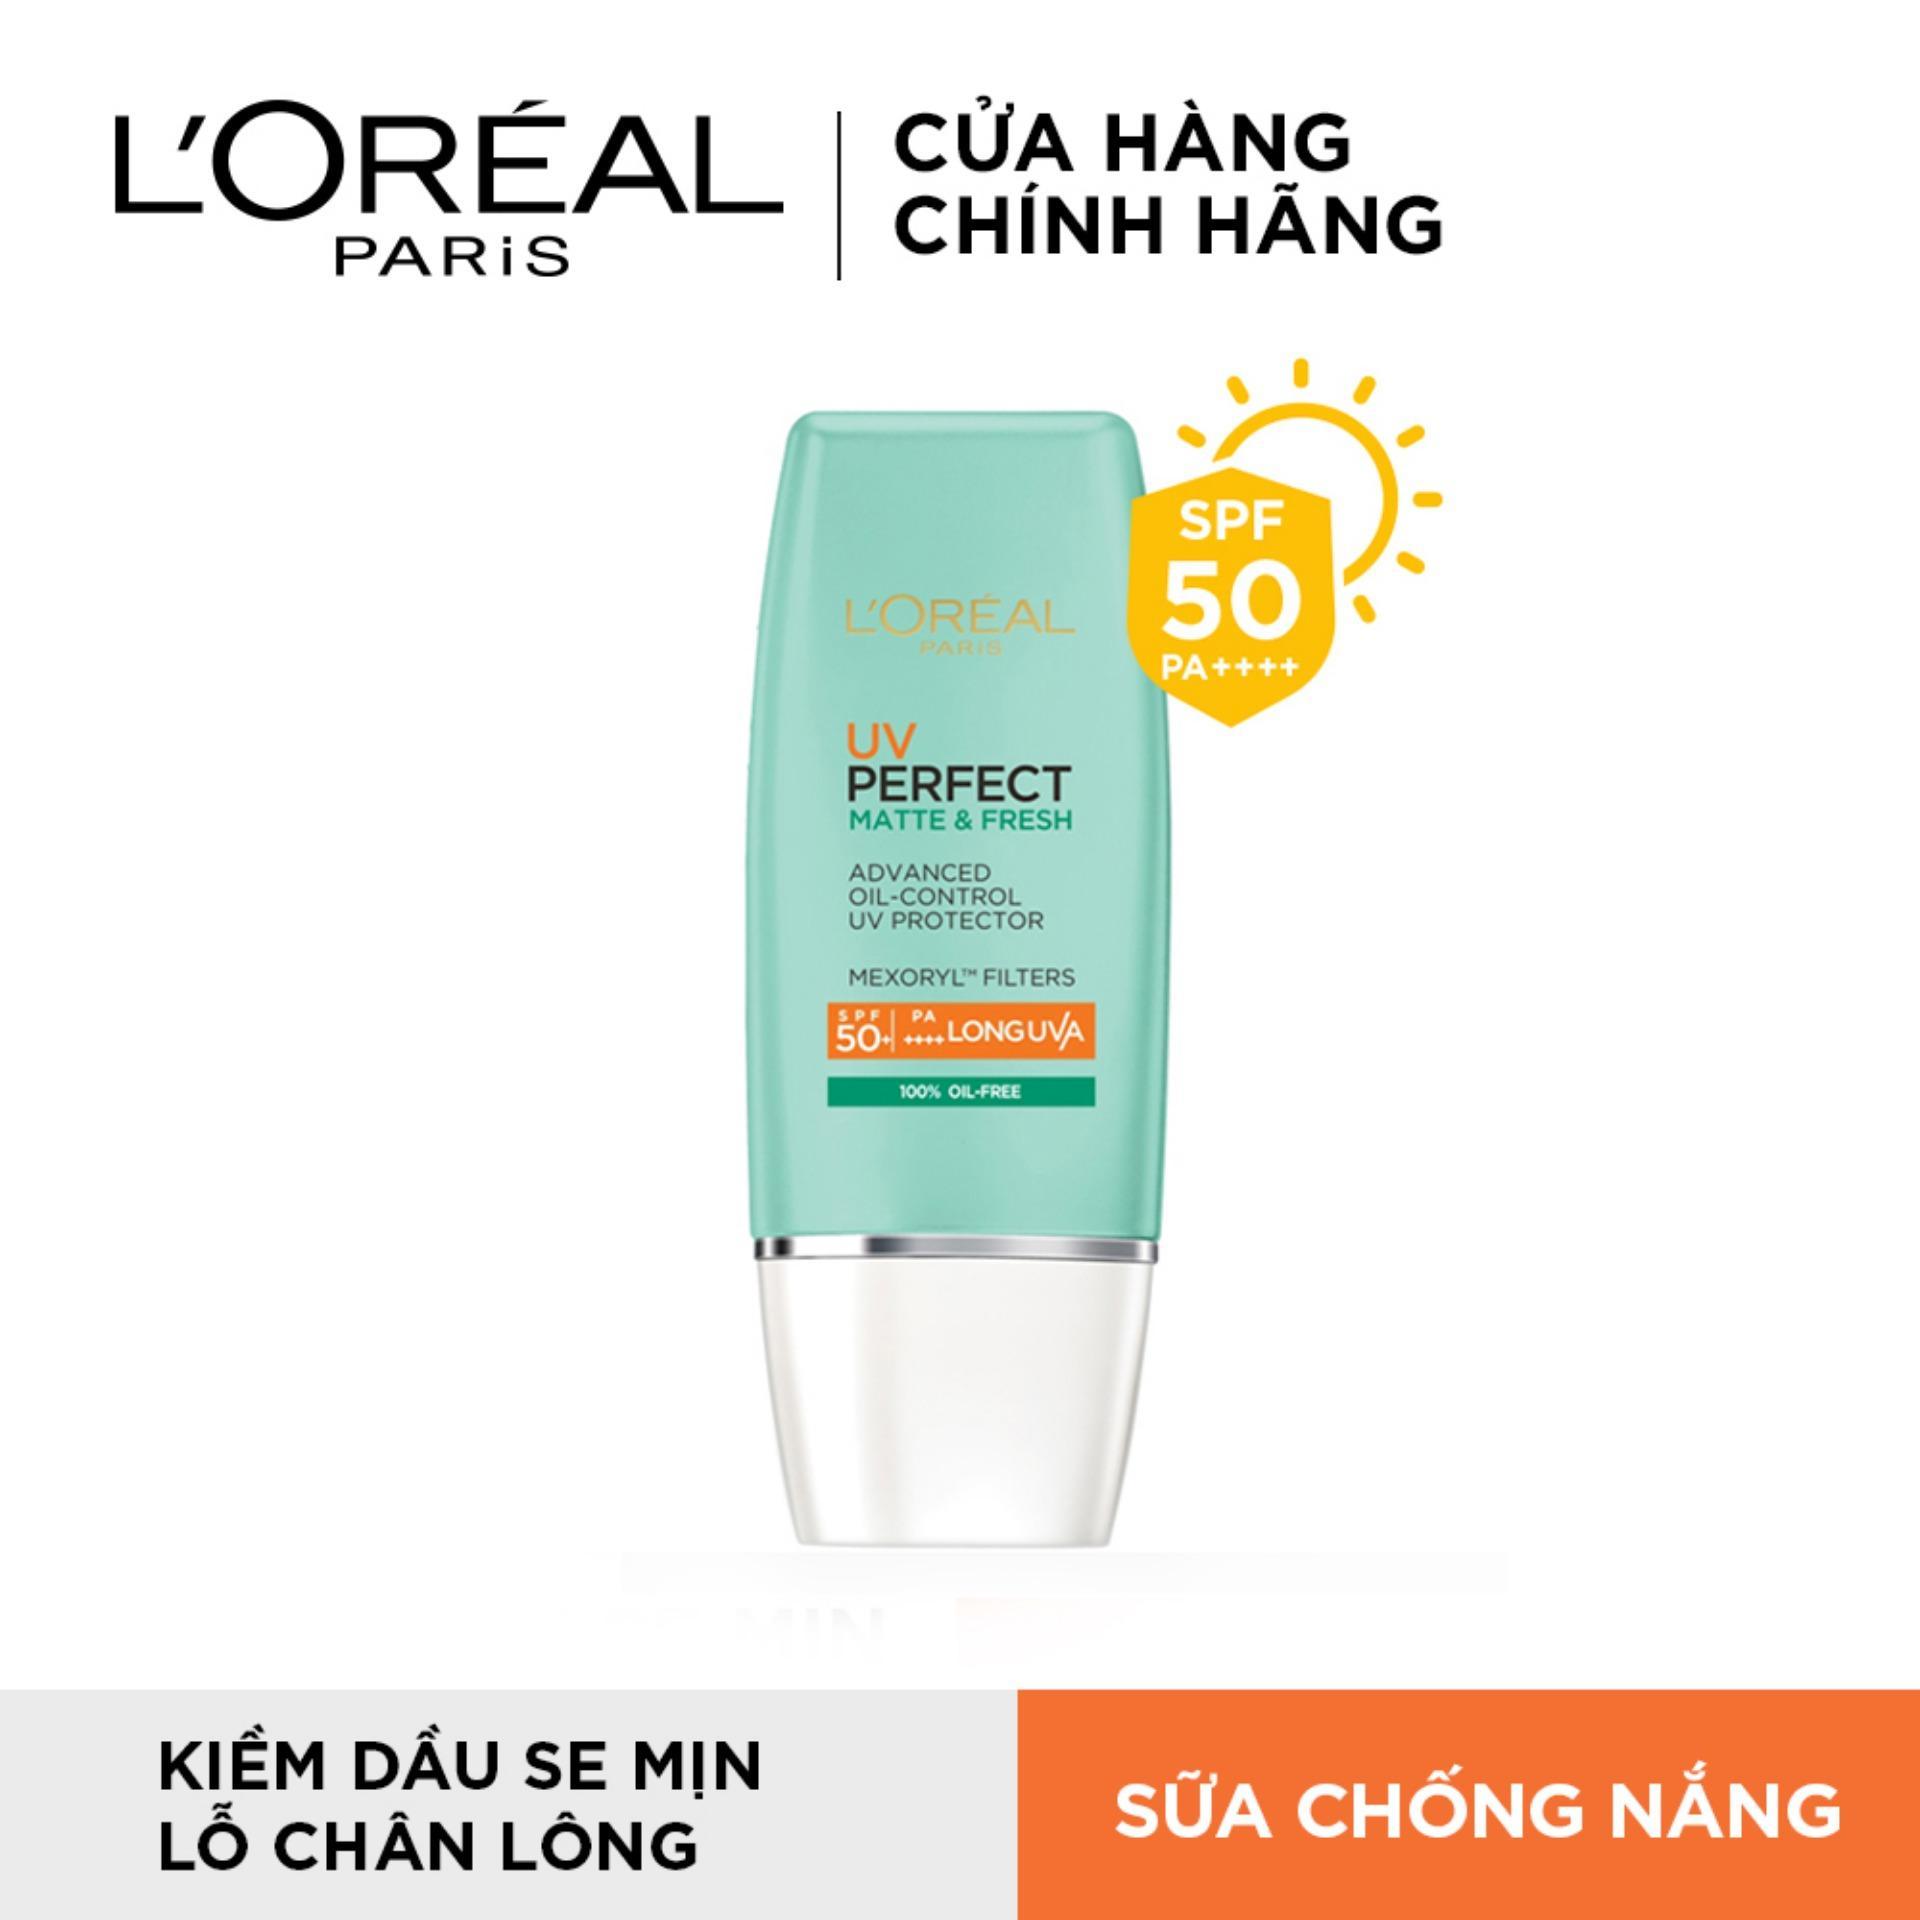 Kem chống nắng bảo vệ toàn diện se mịn lỗ chân lông & chống ô nhiễm LOreal Paris UV Perfect fresh & Matte SPF50/PA++++